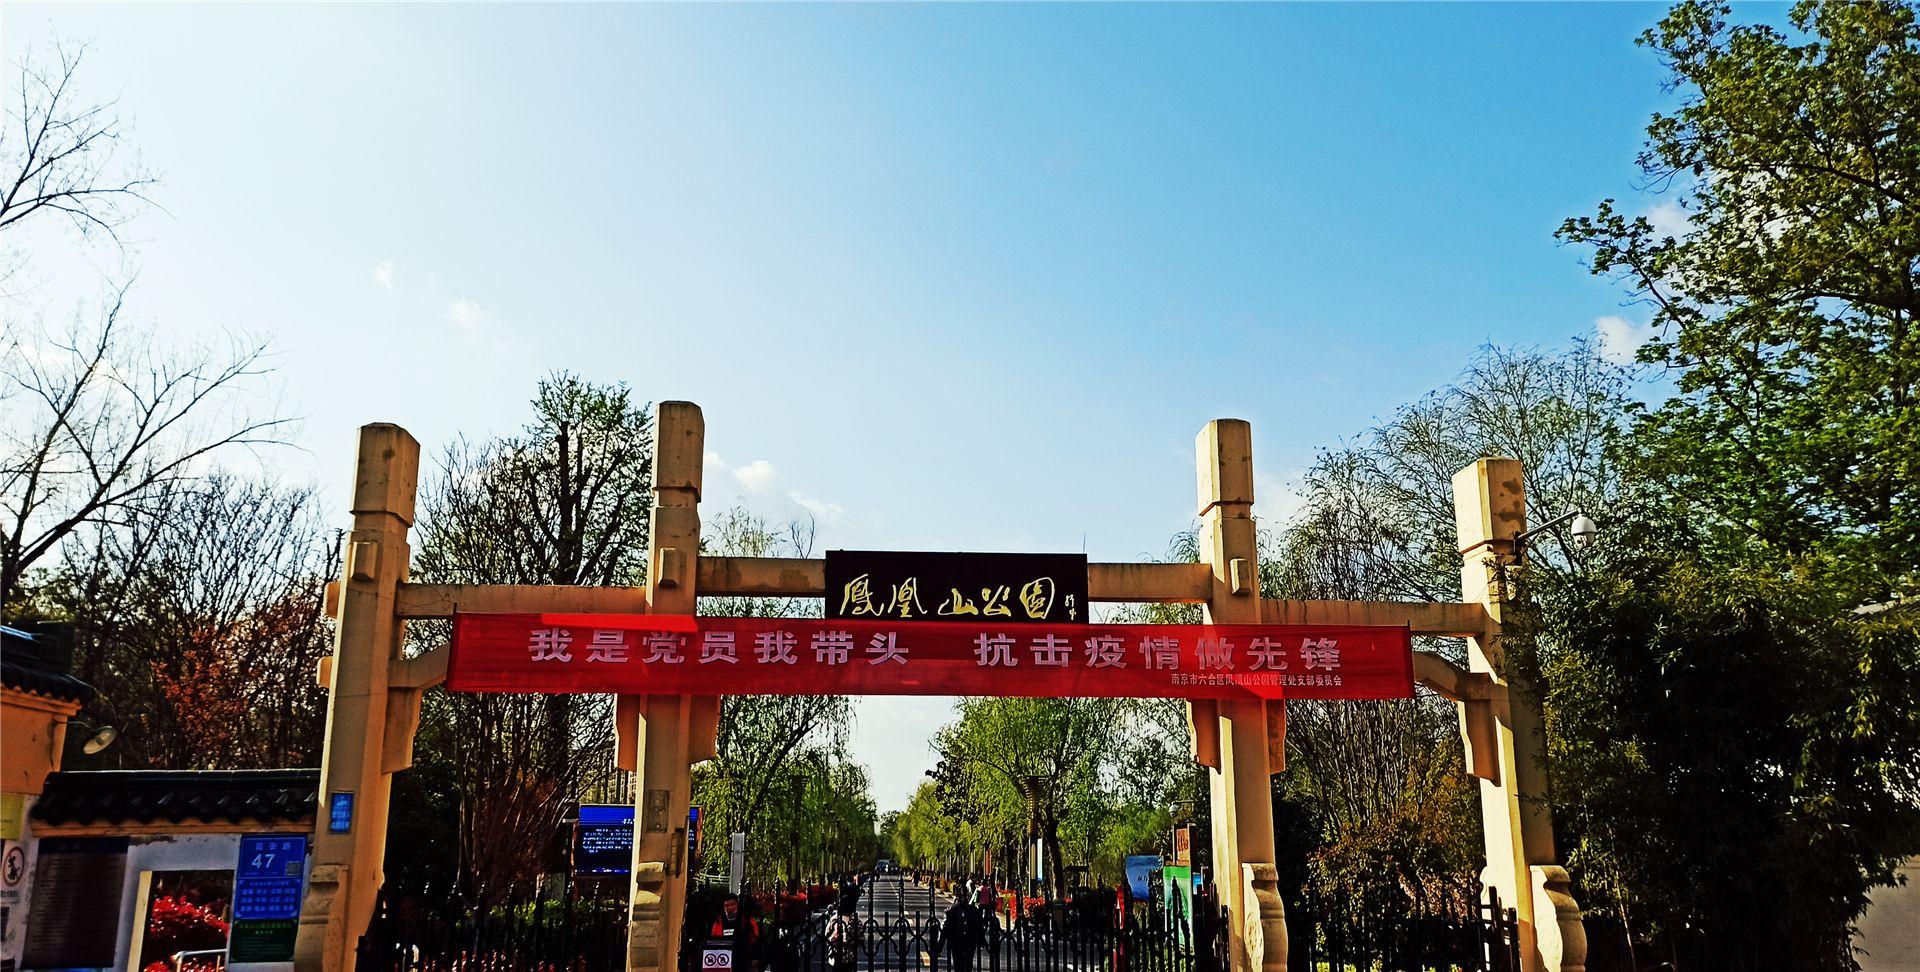 春天里的美景——南京六合凤凰山公园